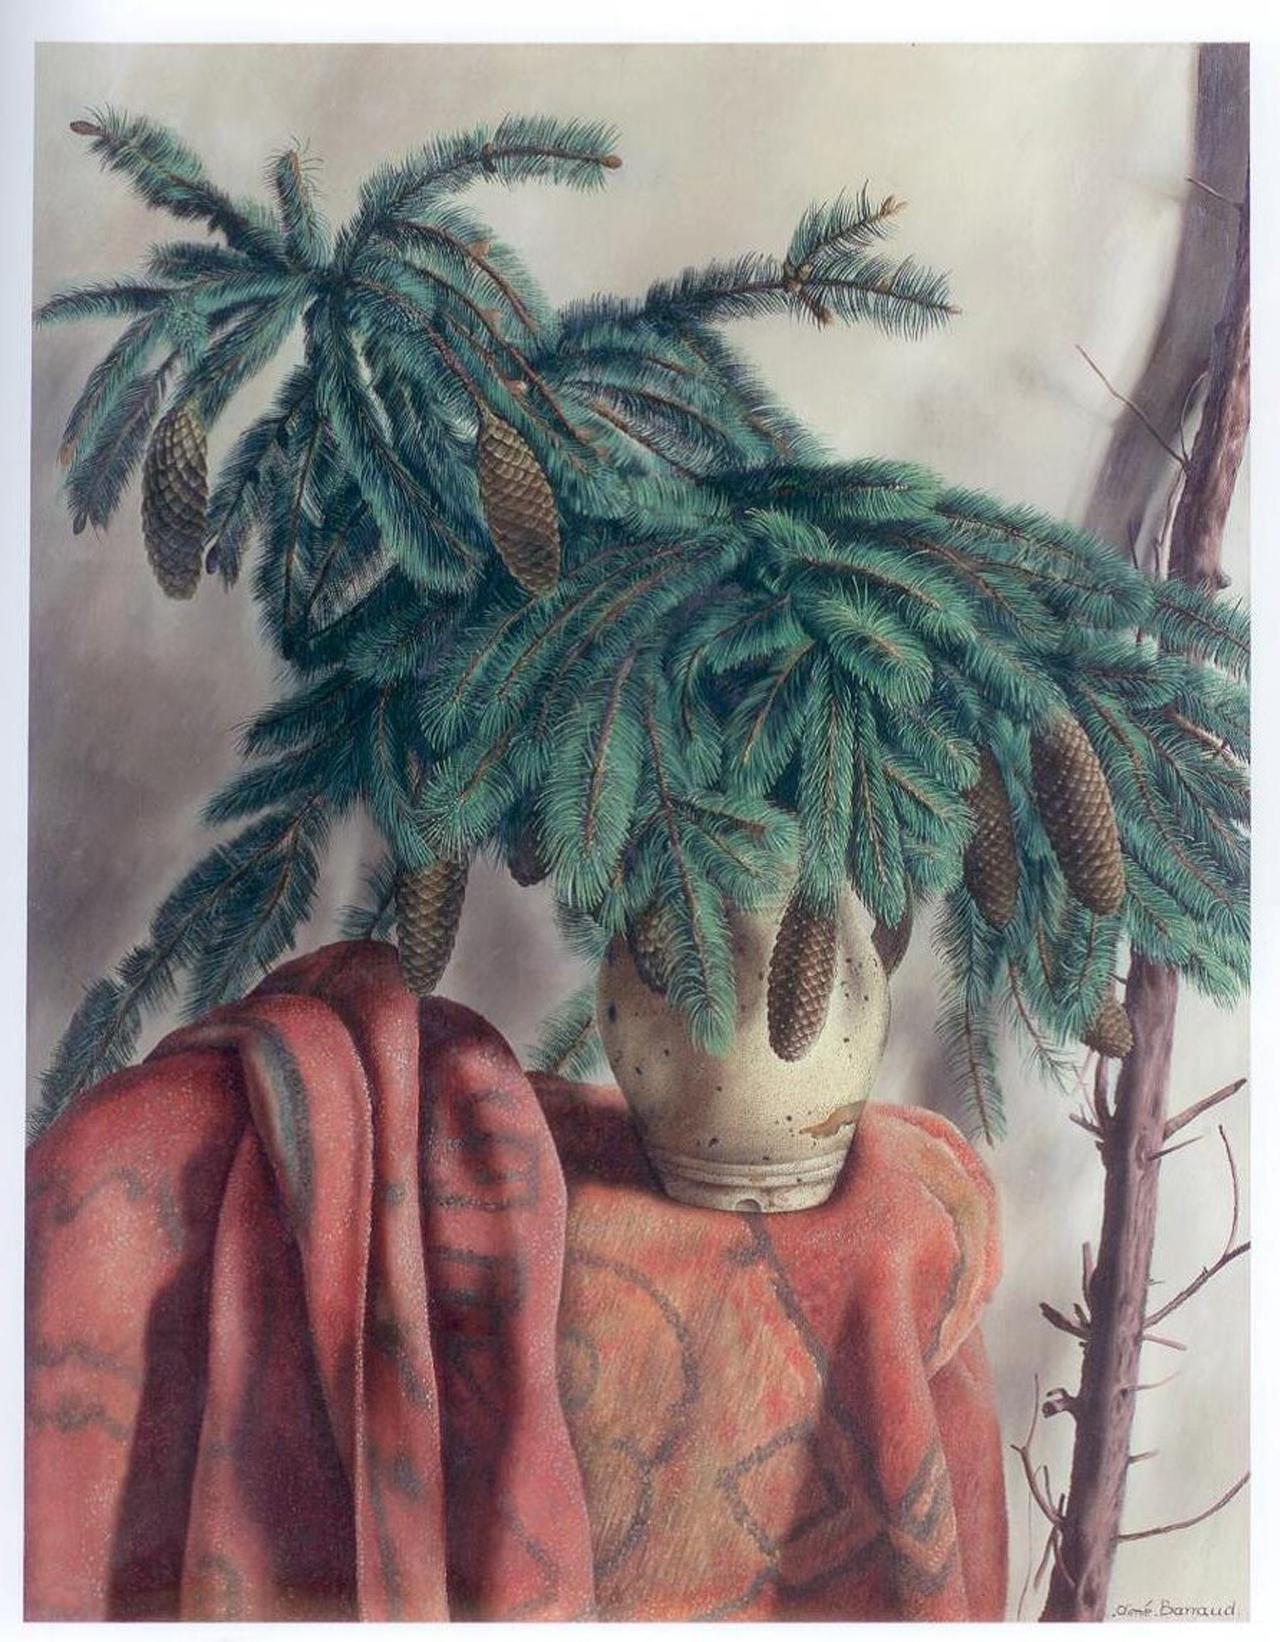 Aimé Victor Barraud, Branche de sapin, o.J., Öl auf Leinwand, 92 x 73 cm